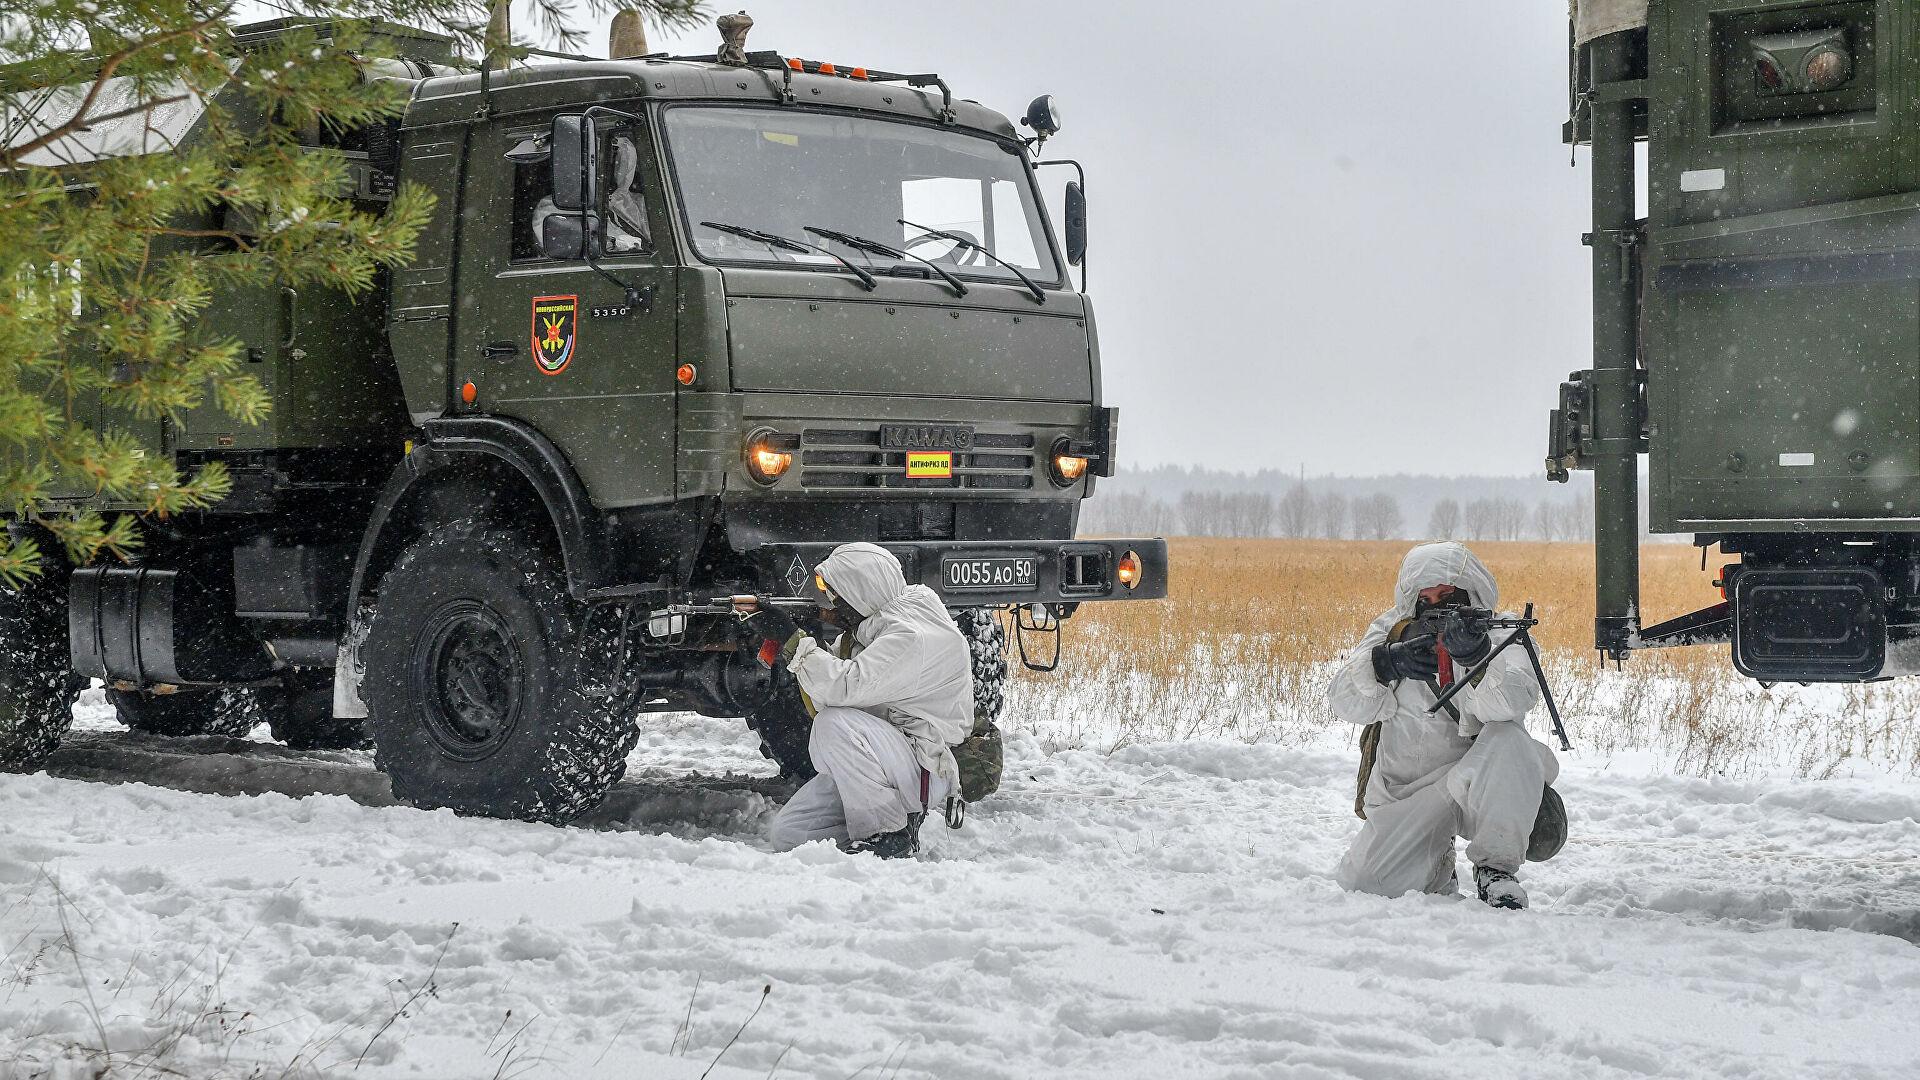 London: Rusija i dalje predstavlja najveću nuklearnu i vojnu pretnju evropskoj bezbednosti